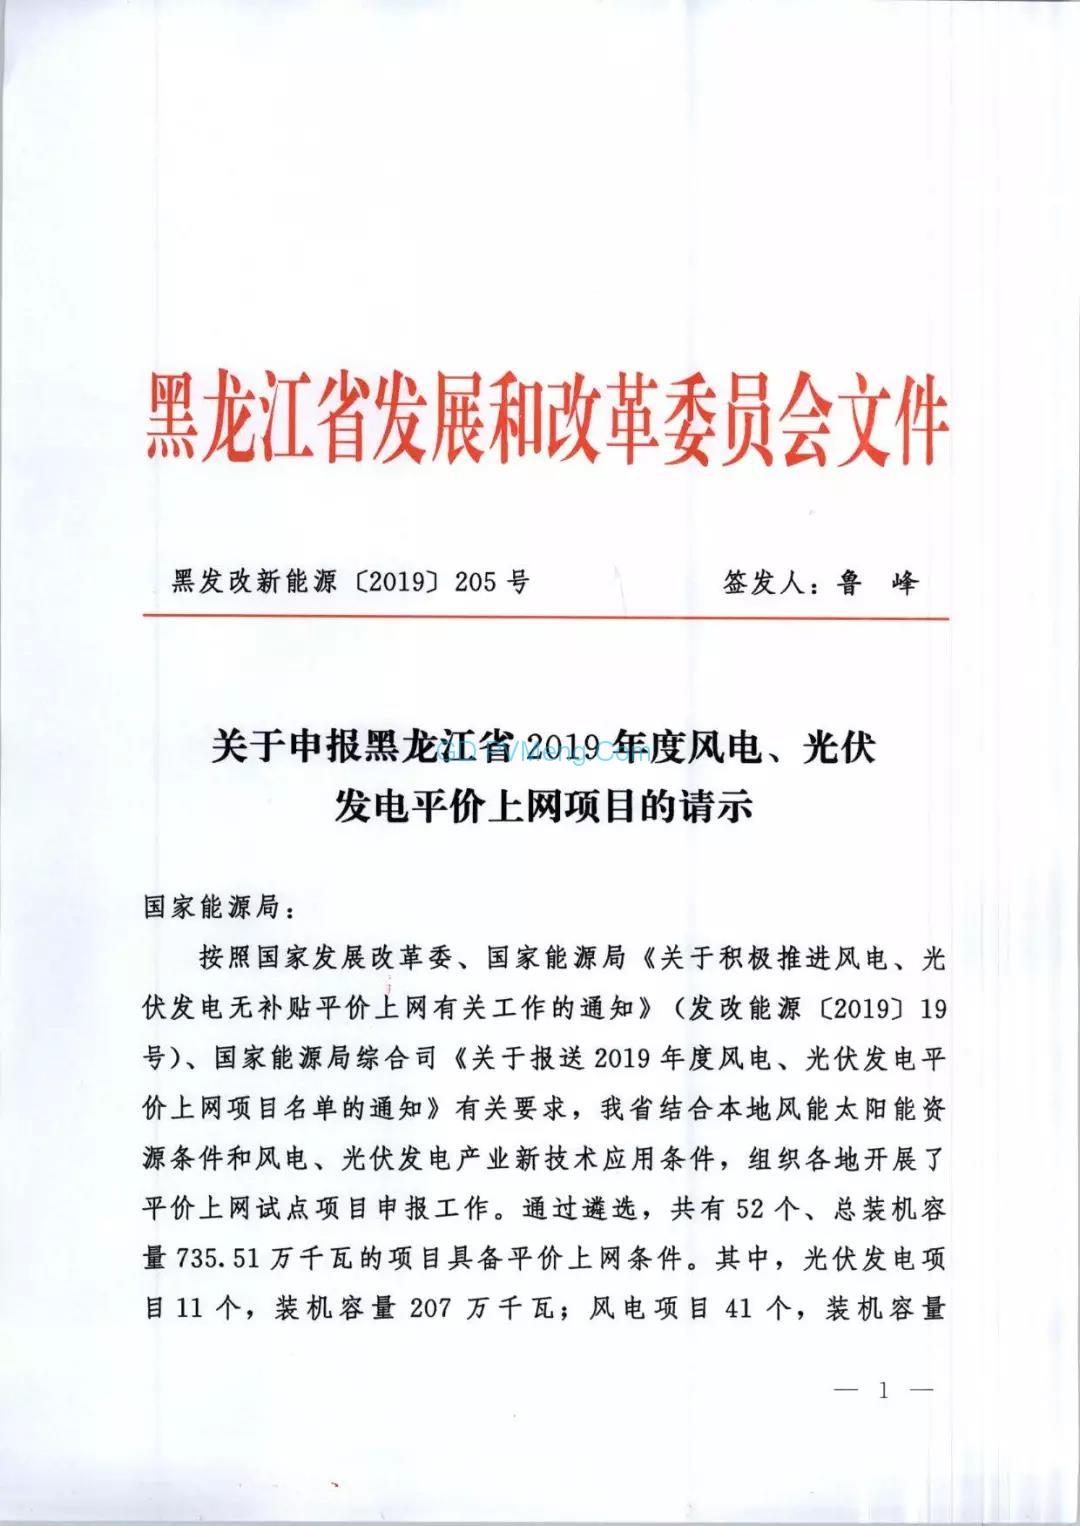 黑龙江发改委关于申报2019年度风电、光伏发电平价上网项目的请示(黑发改新能源〔2019〕205号)20190425